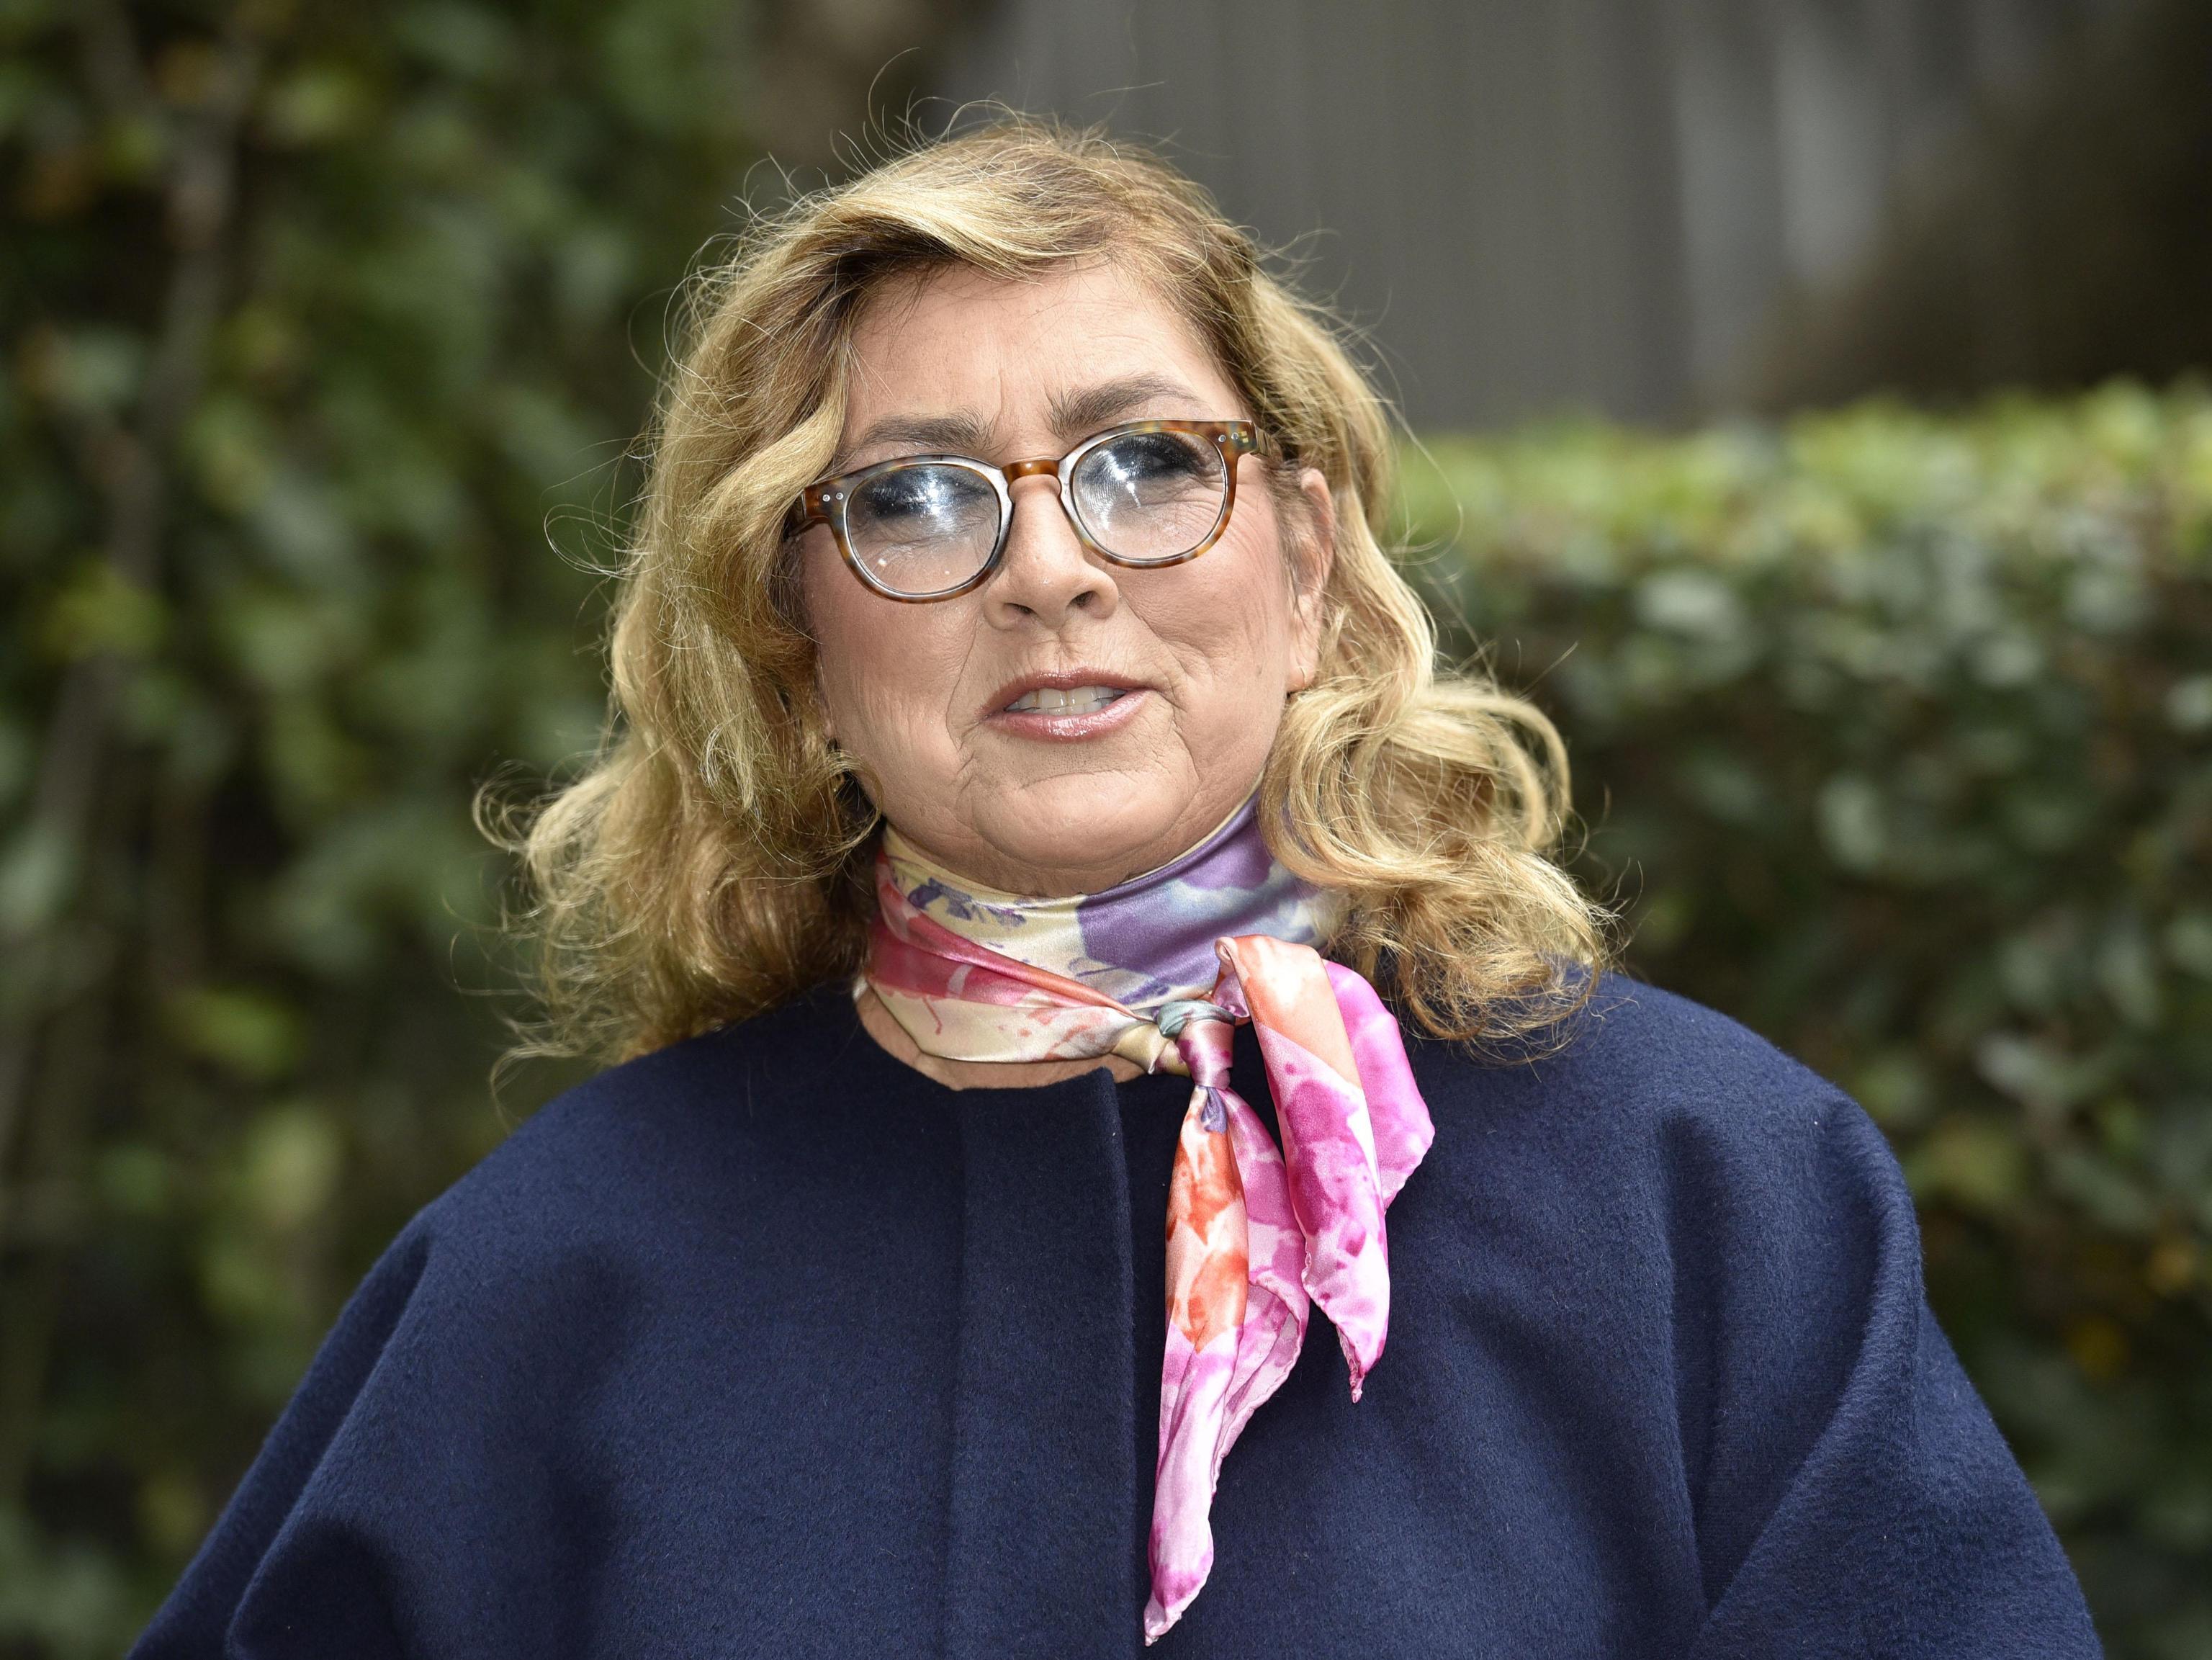 Romina Power oggi: 'Voglio un uomo prima che sia troppo tardi'